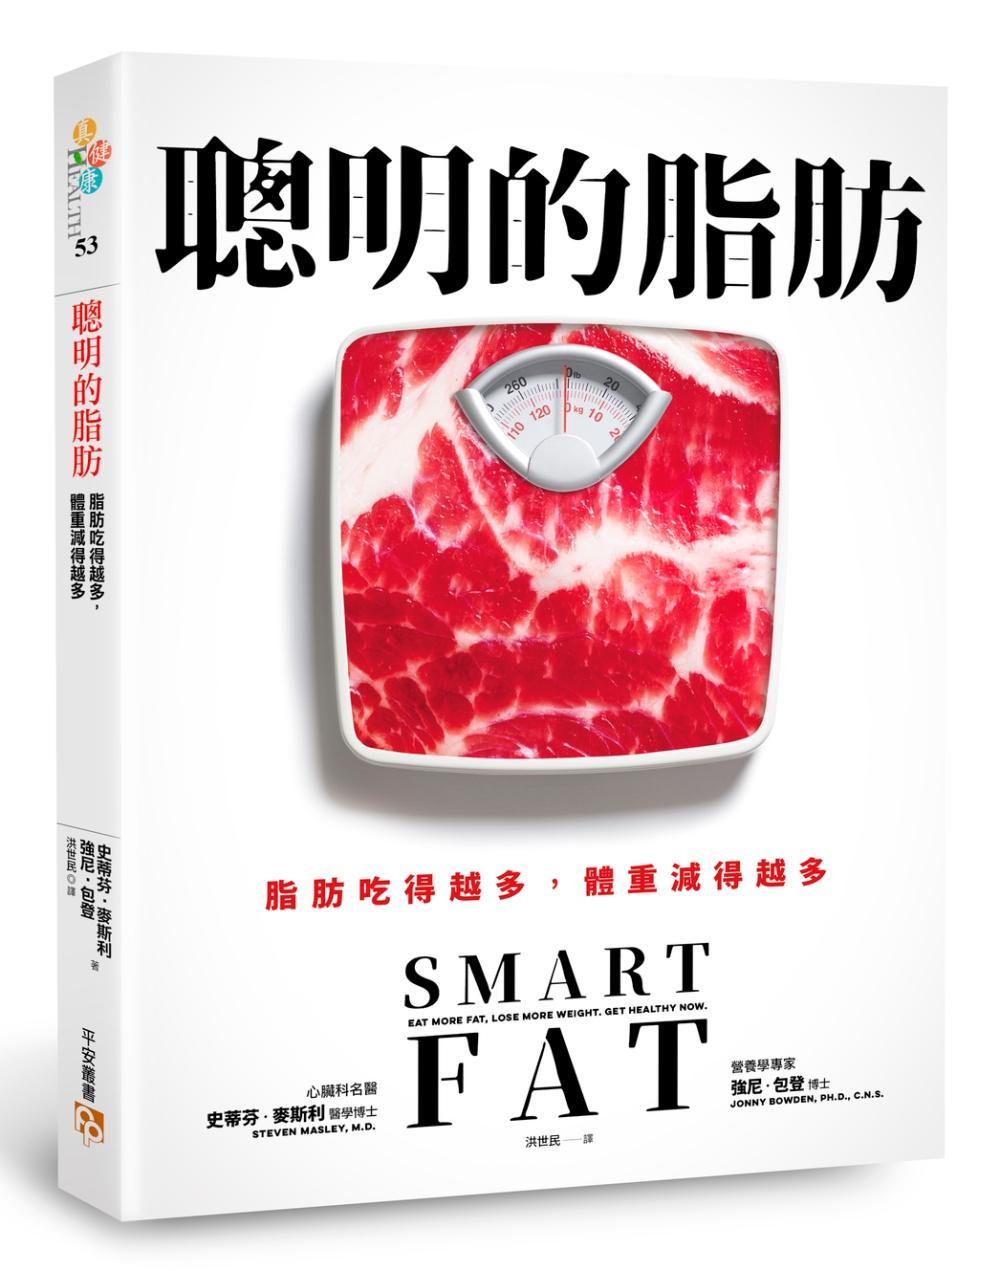 聰明的脂肪:脂肪吃得越多,體重減得越多!權威營養學專家教你吃對脂肪,30天打造不復胖的體質!